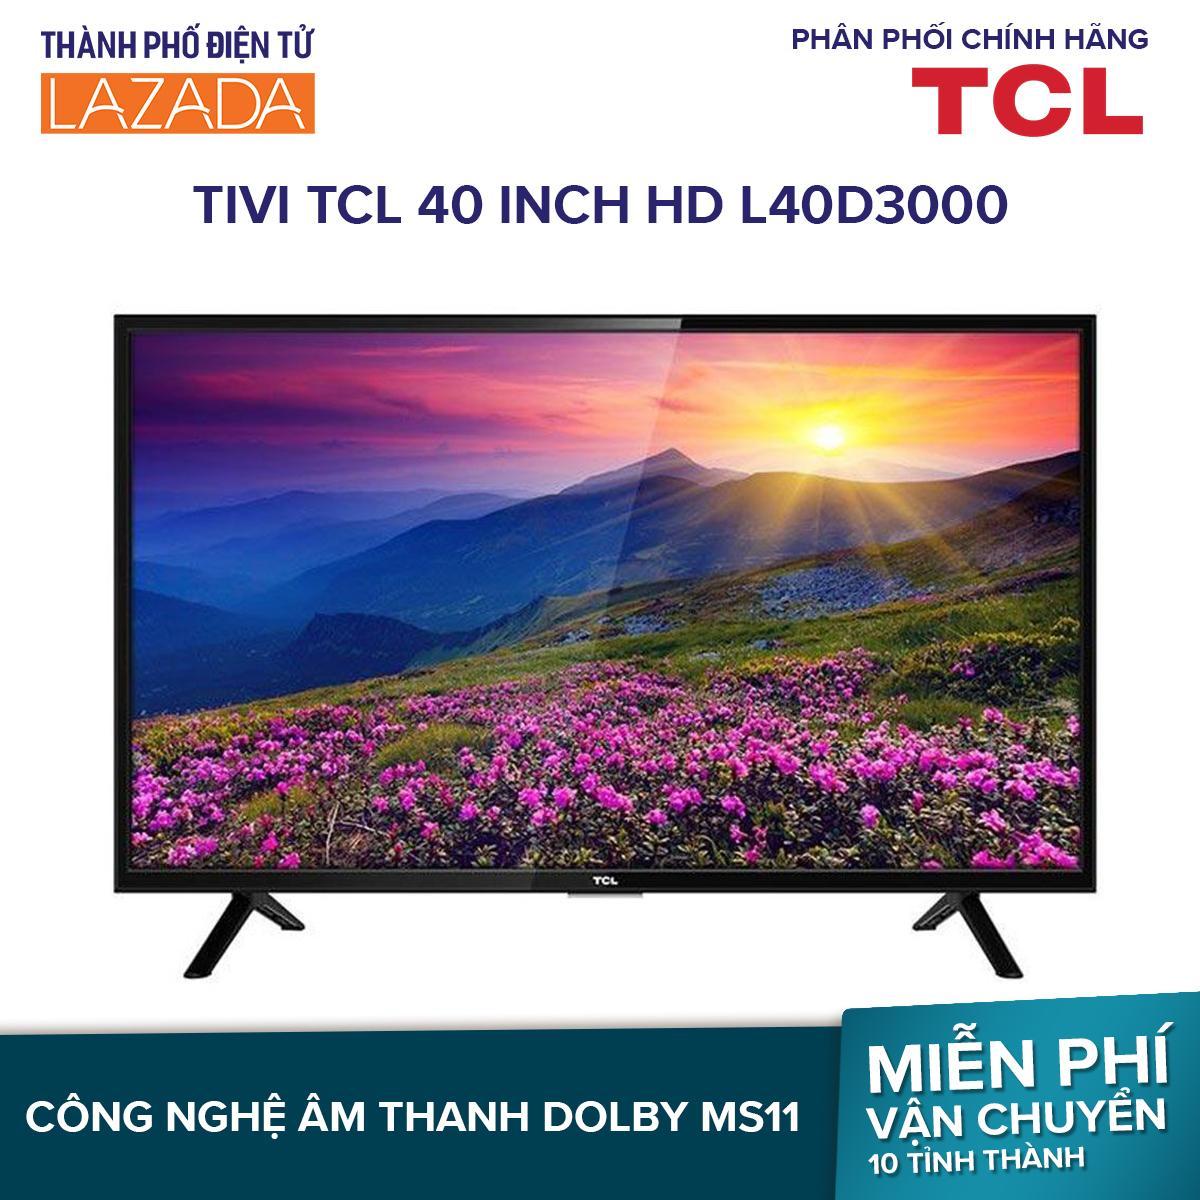 Smart Tivi TCL 40 inch HD L40D3000